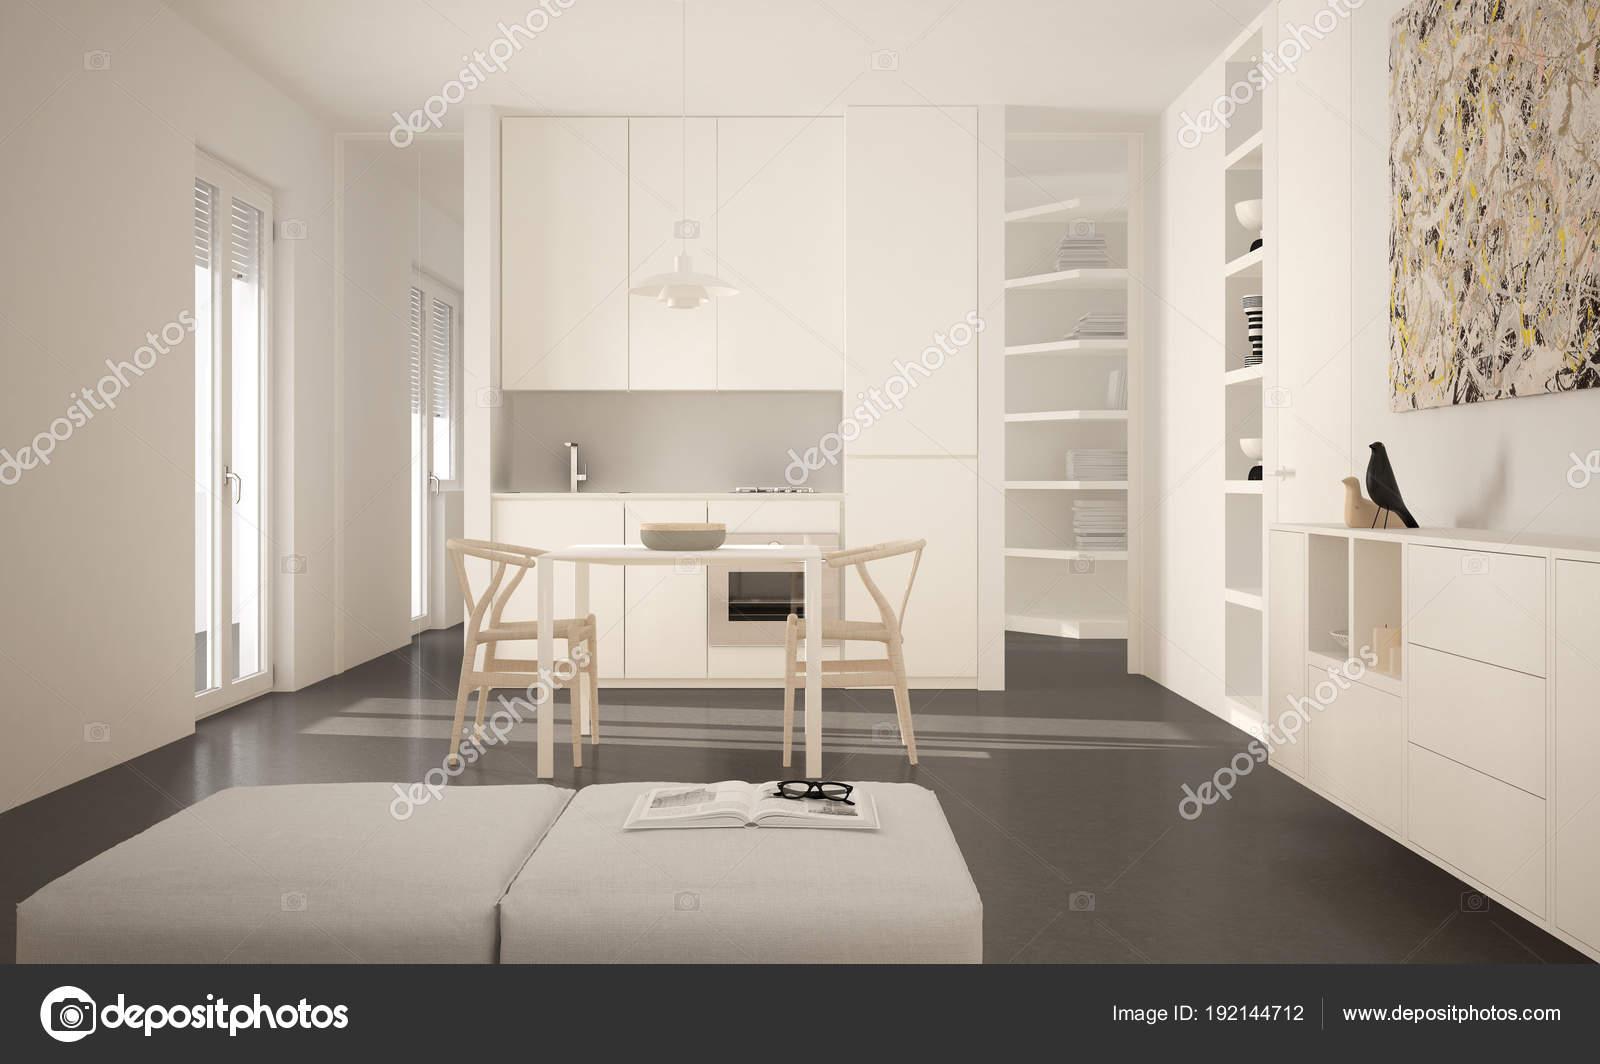 Großartig Esstisch Stuehle Modern Ideen Von Minimalistische Moderne Helle Küche Mit Und Stühle,